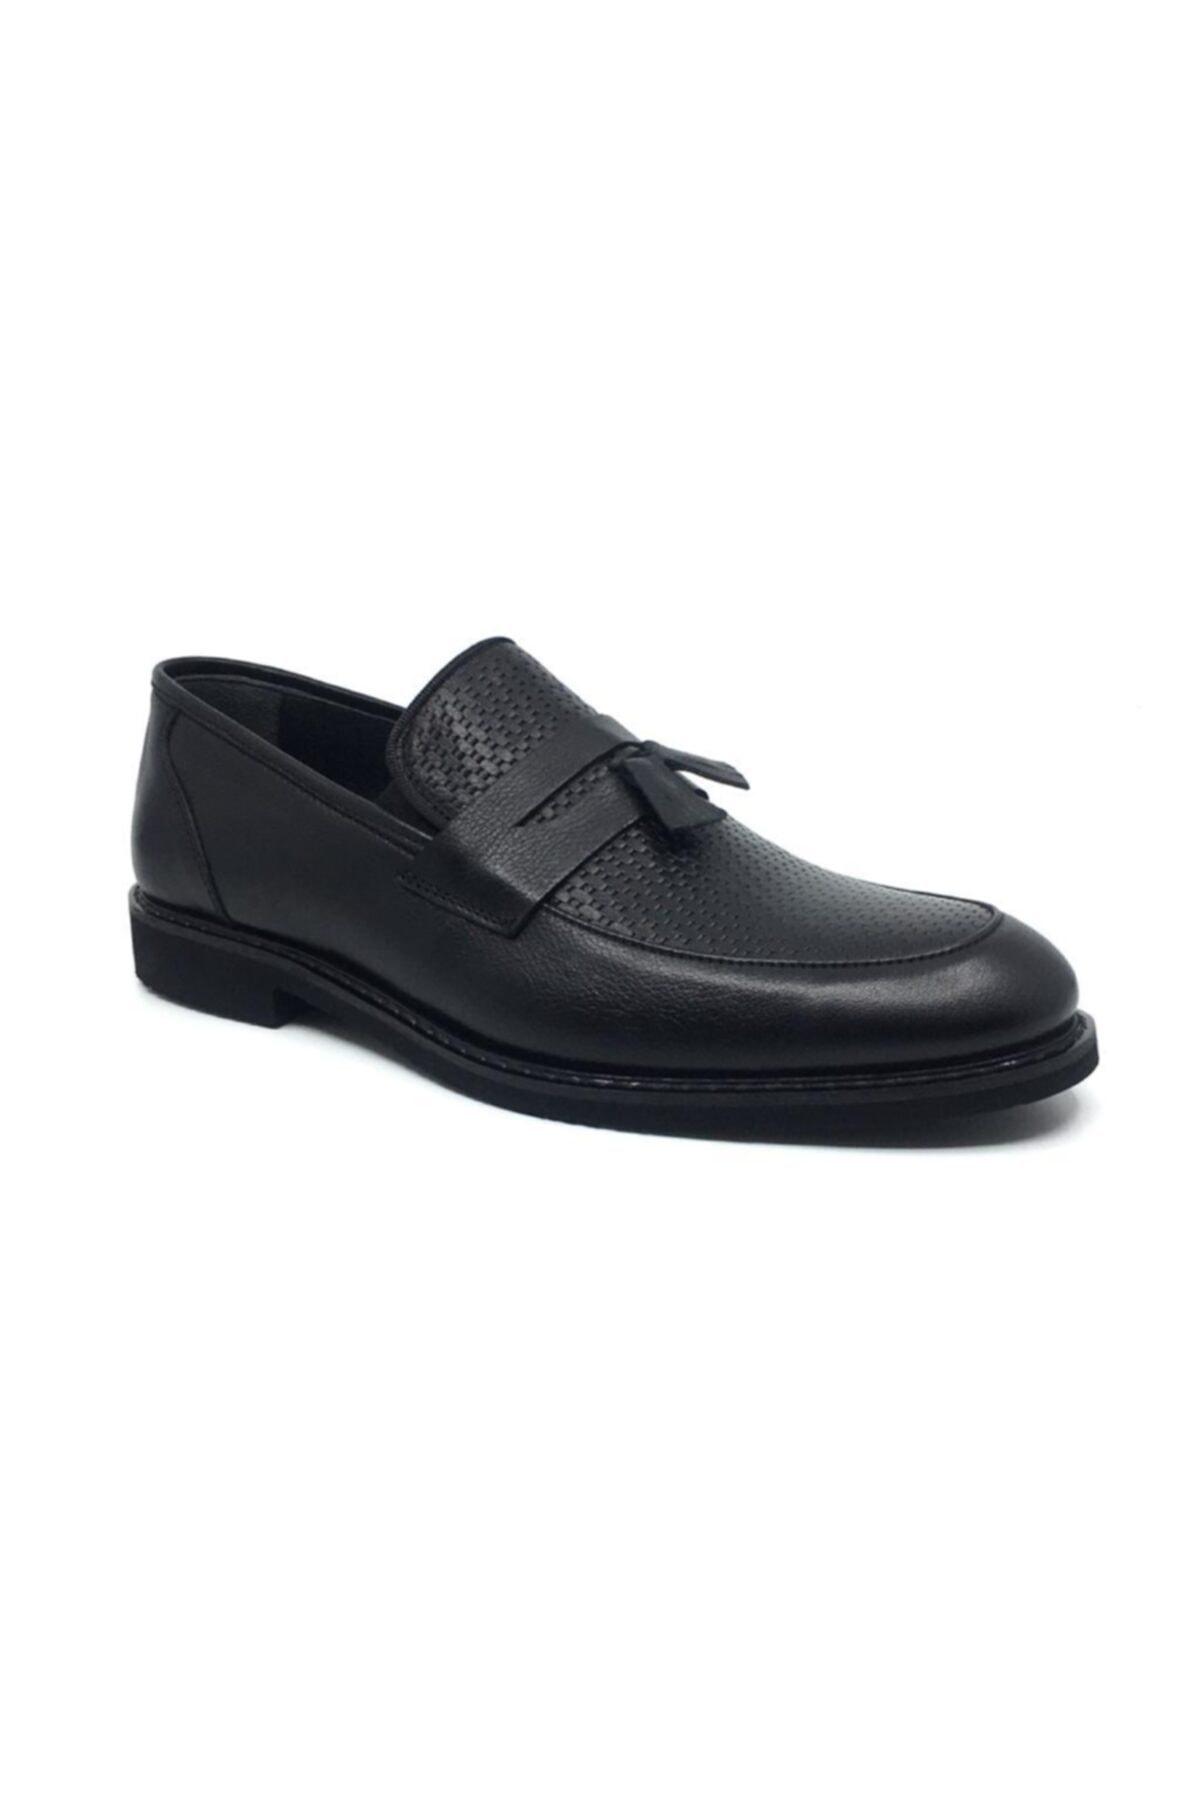 Taşpınar Üçlü %100 Deri Erkek Klasik Corcik Yazlık Rahat Ayakkabı 40-44 1